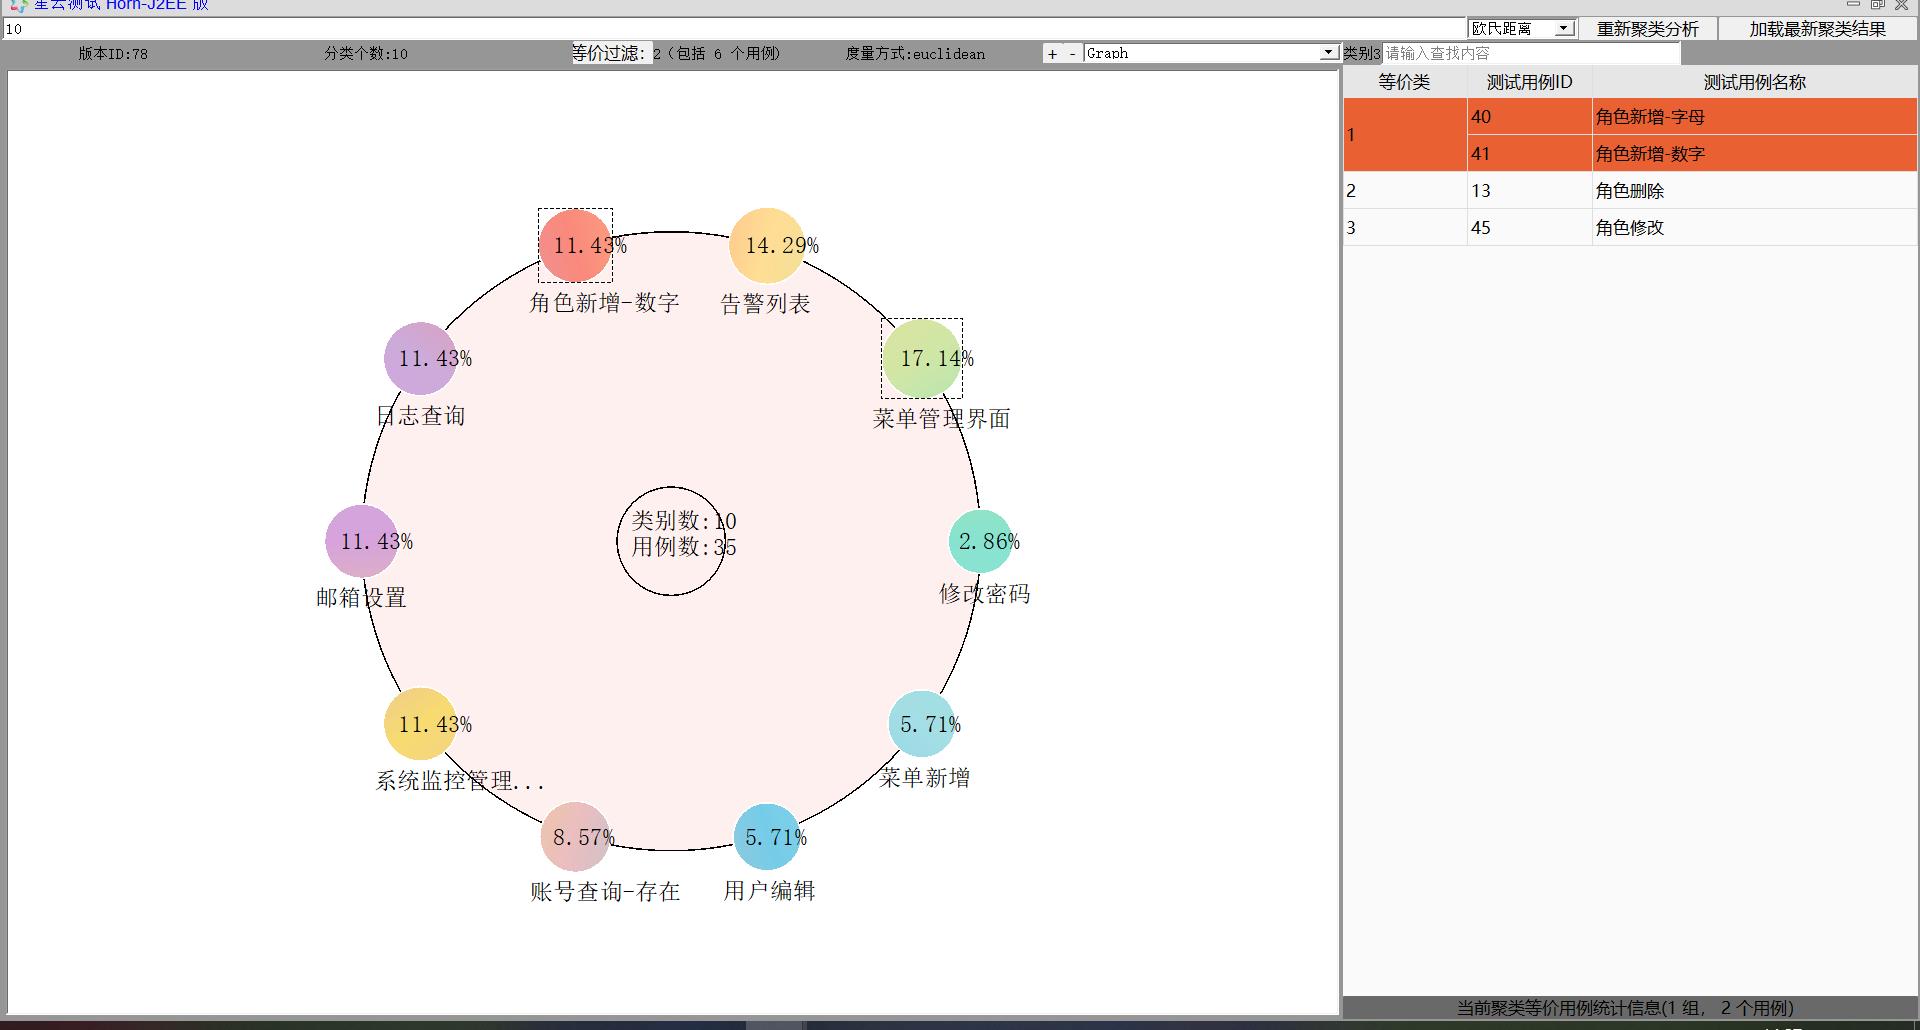 图5.3.2-2 聚类分析